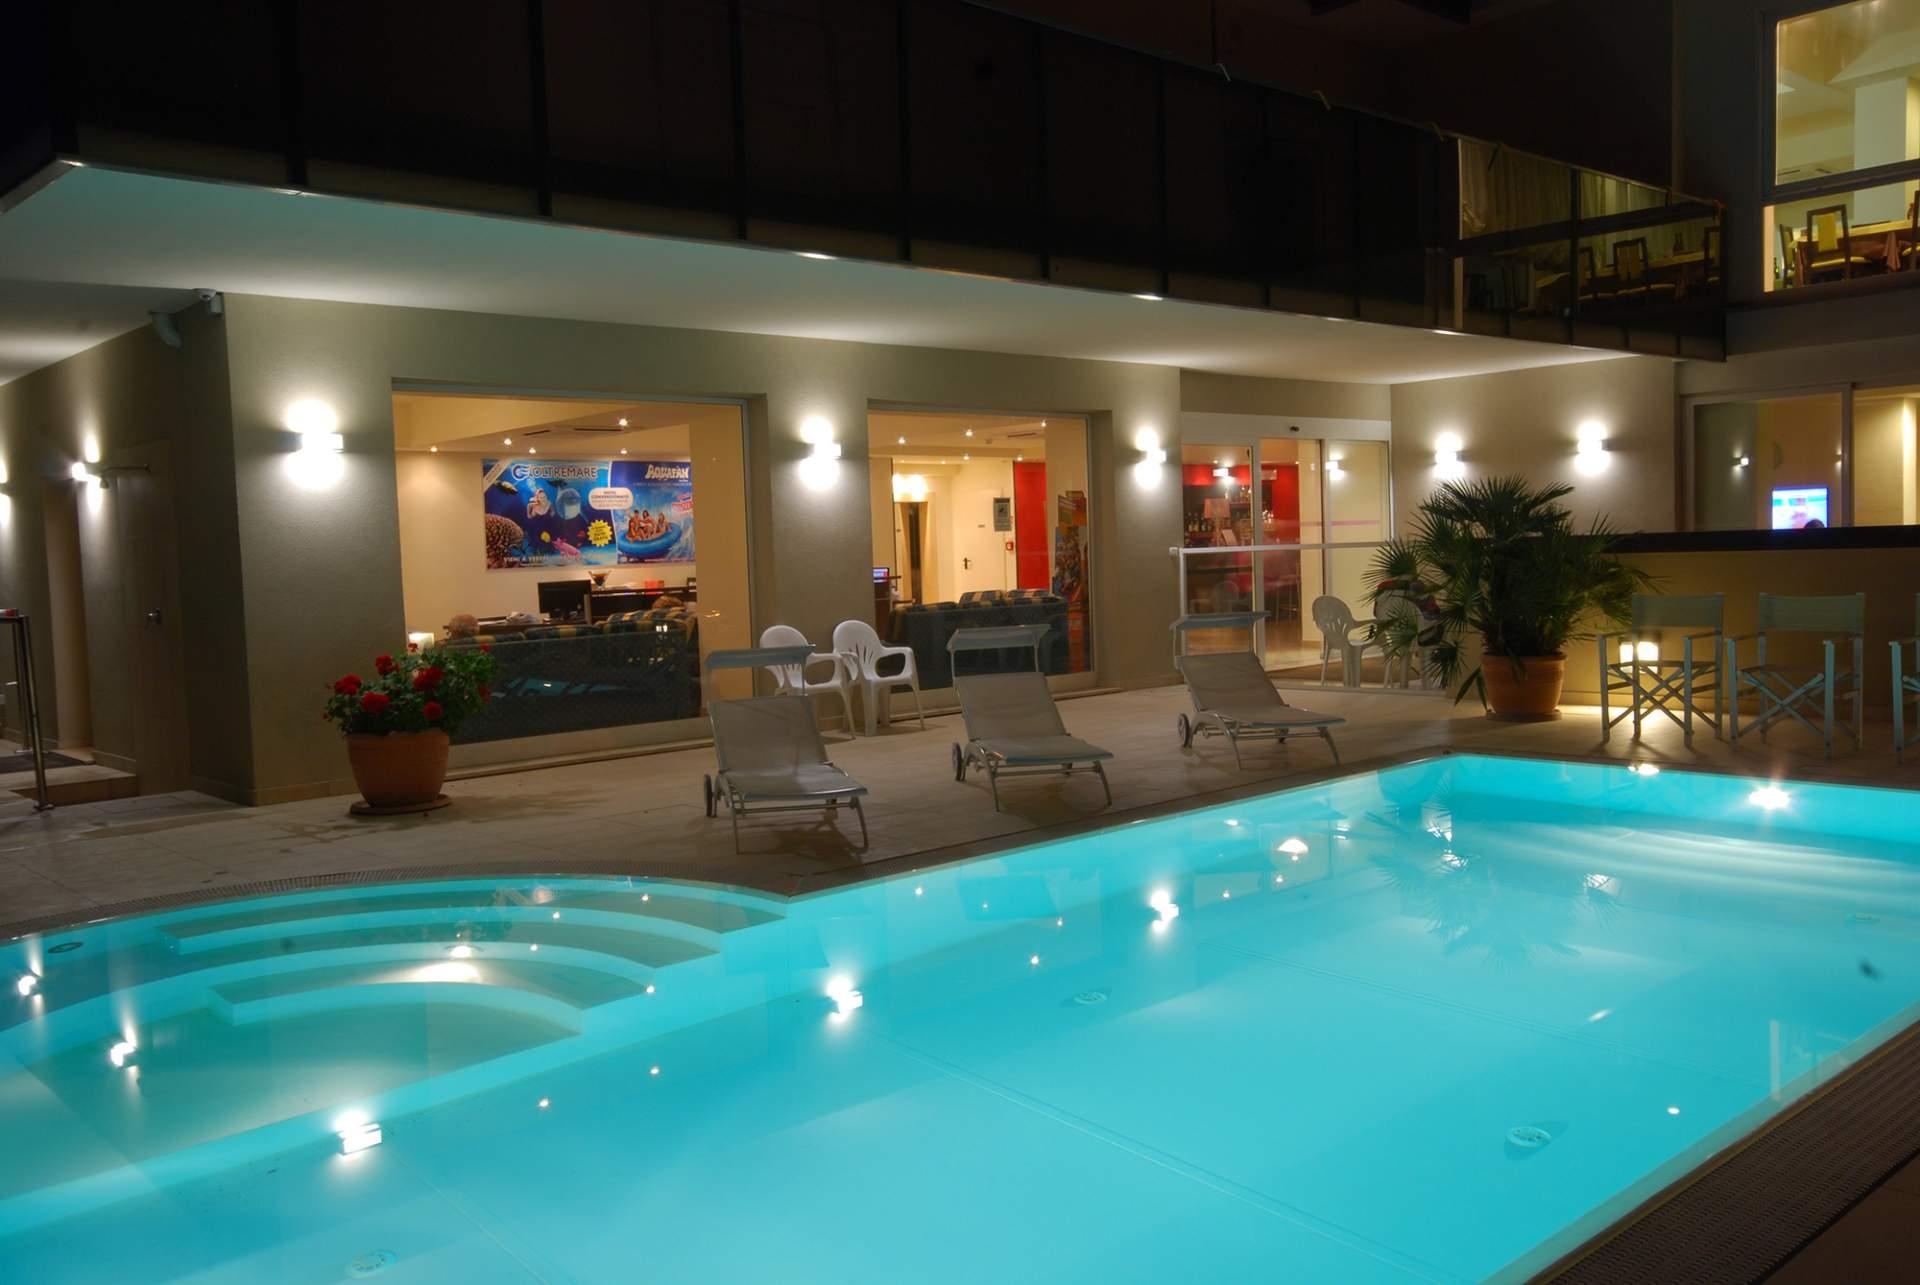 Hotel union riccione hotel 3 stelle per famiglie - Piscina di riccione ...